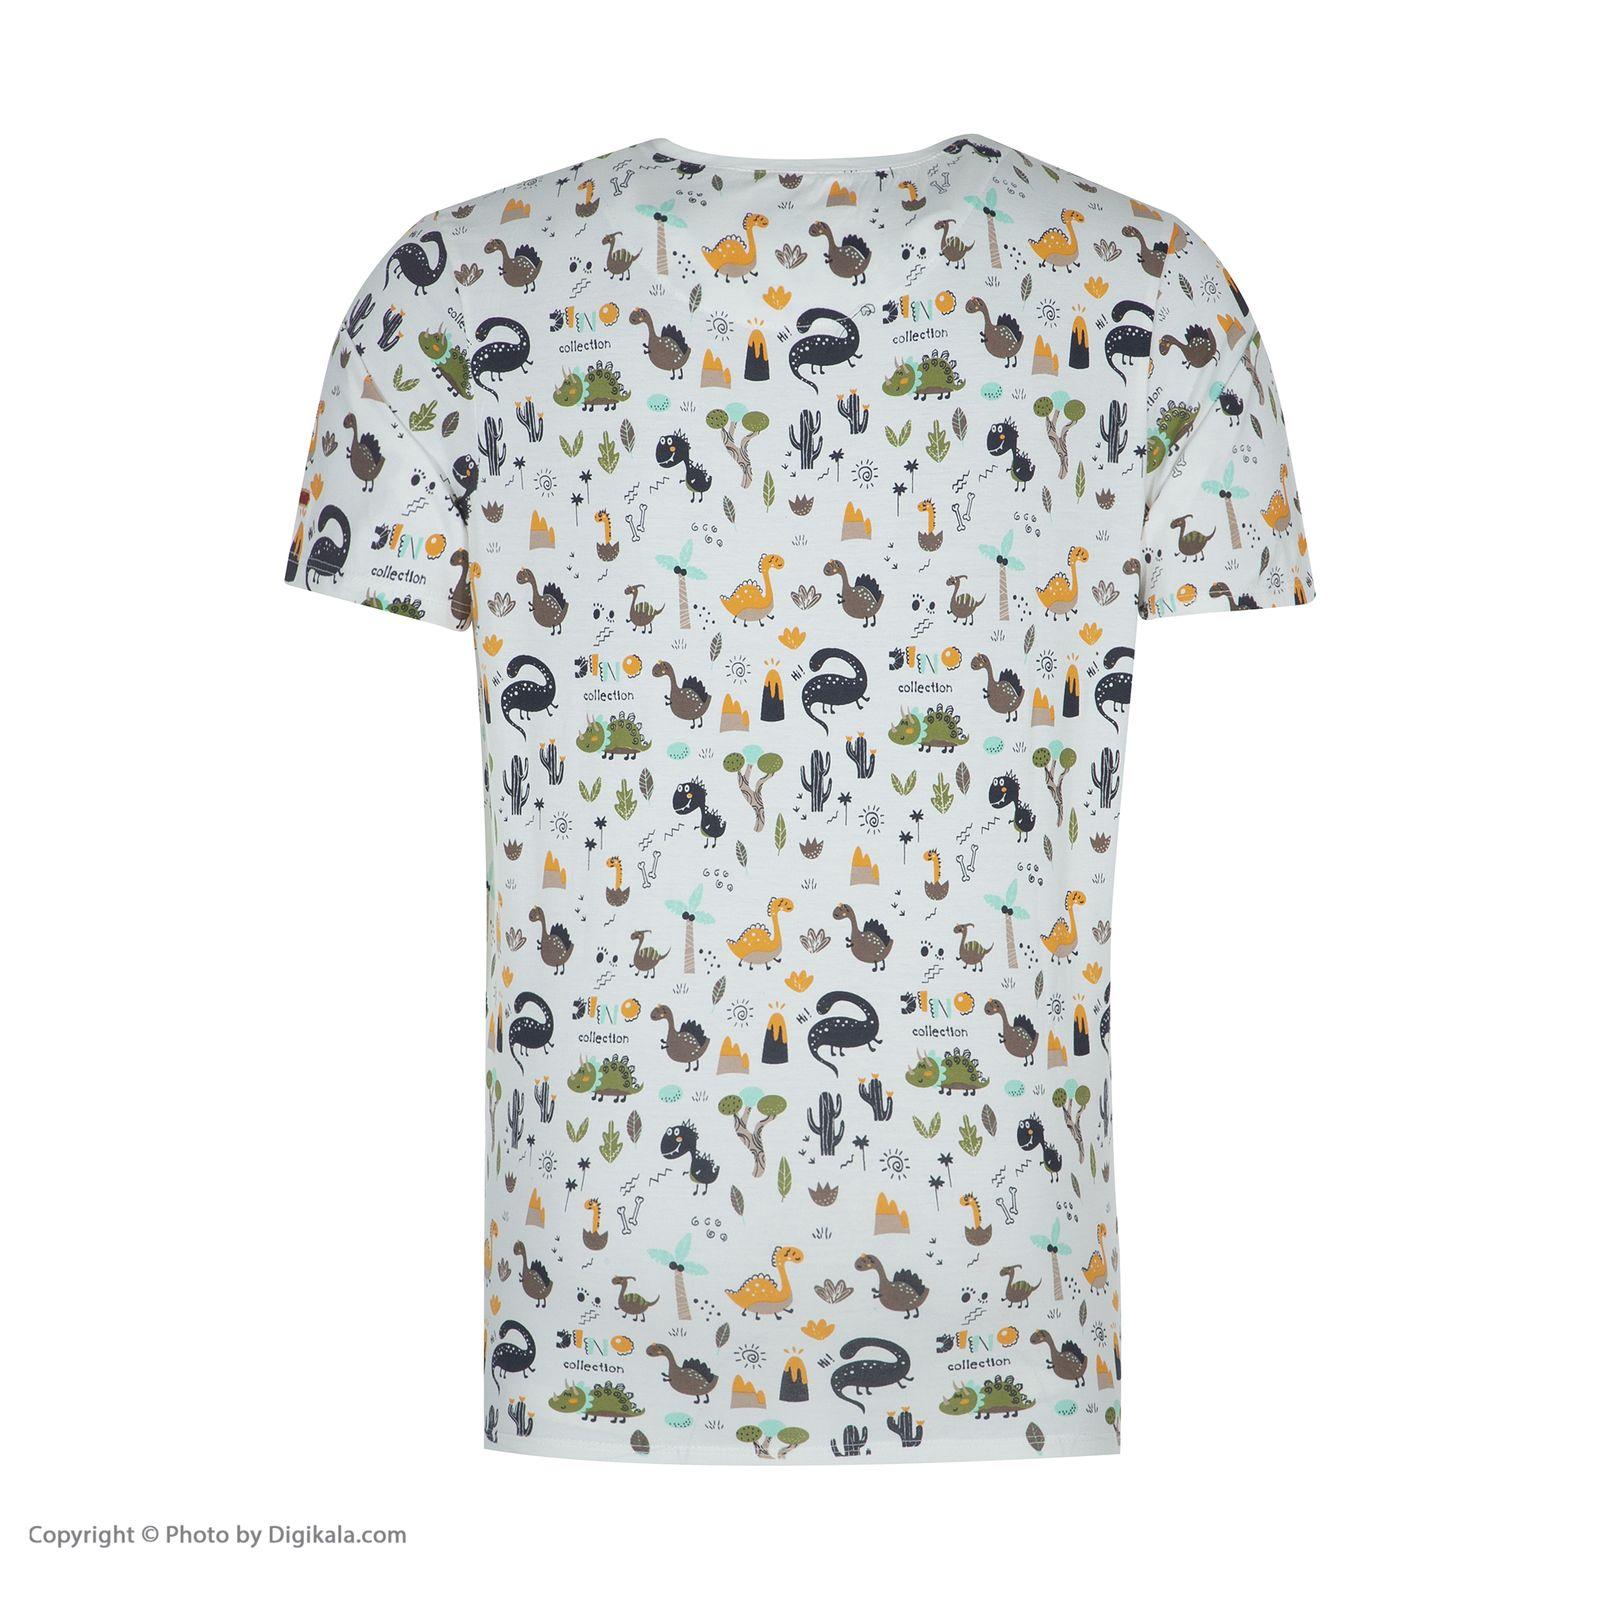 ست تی شرت و شلوارک راحتی مردانه مادر مدل 2041110-07 -  - 6